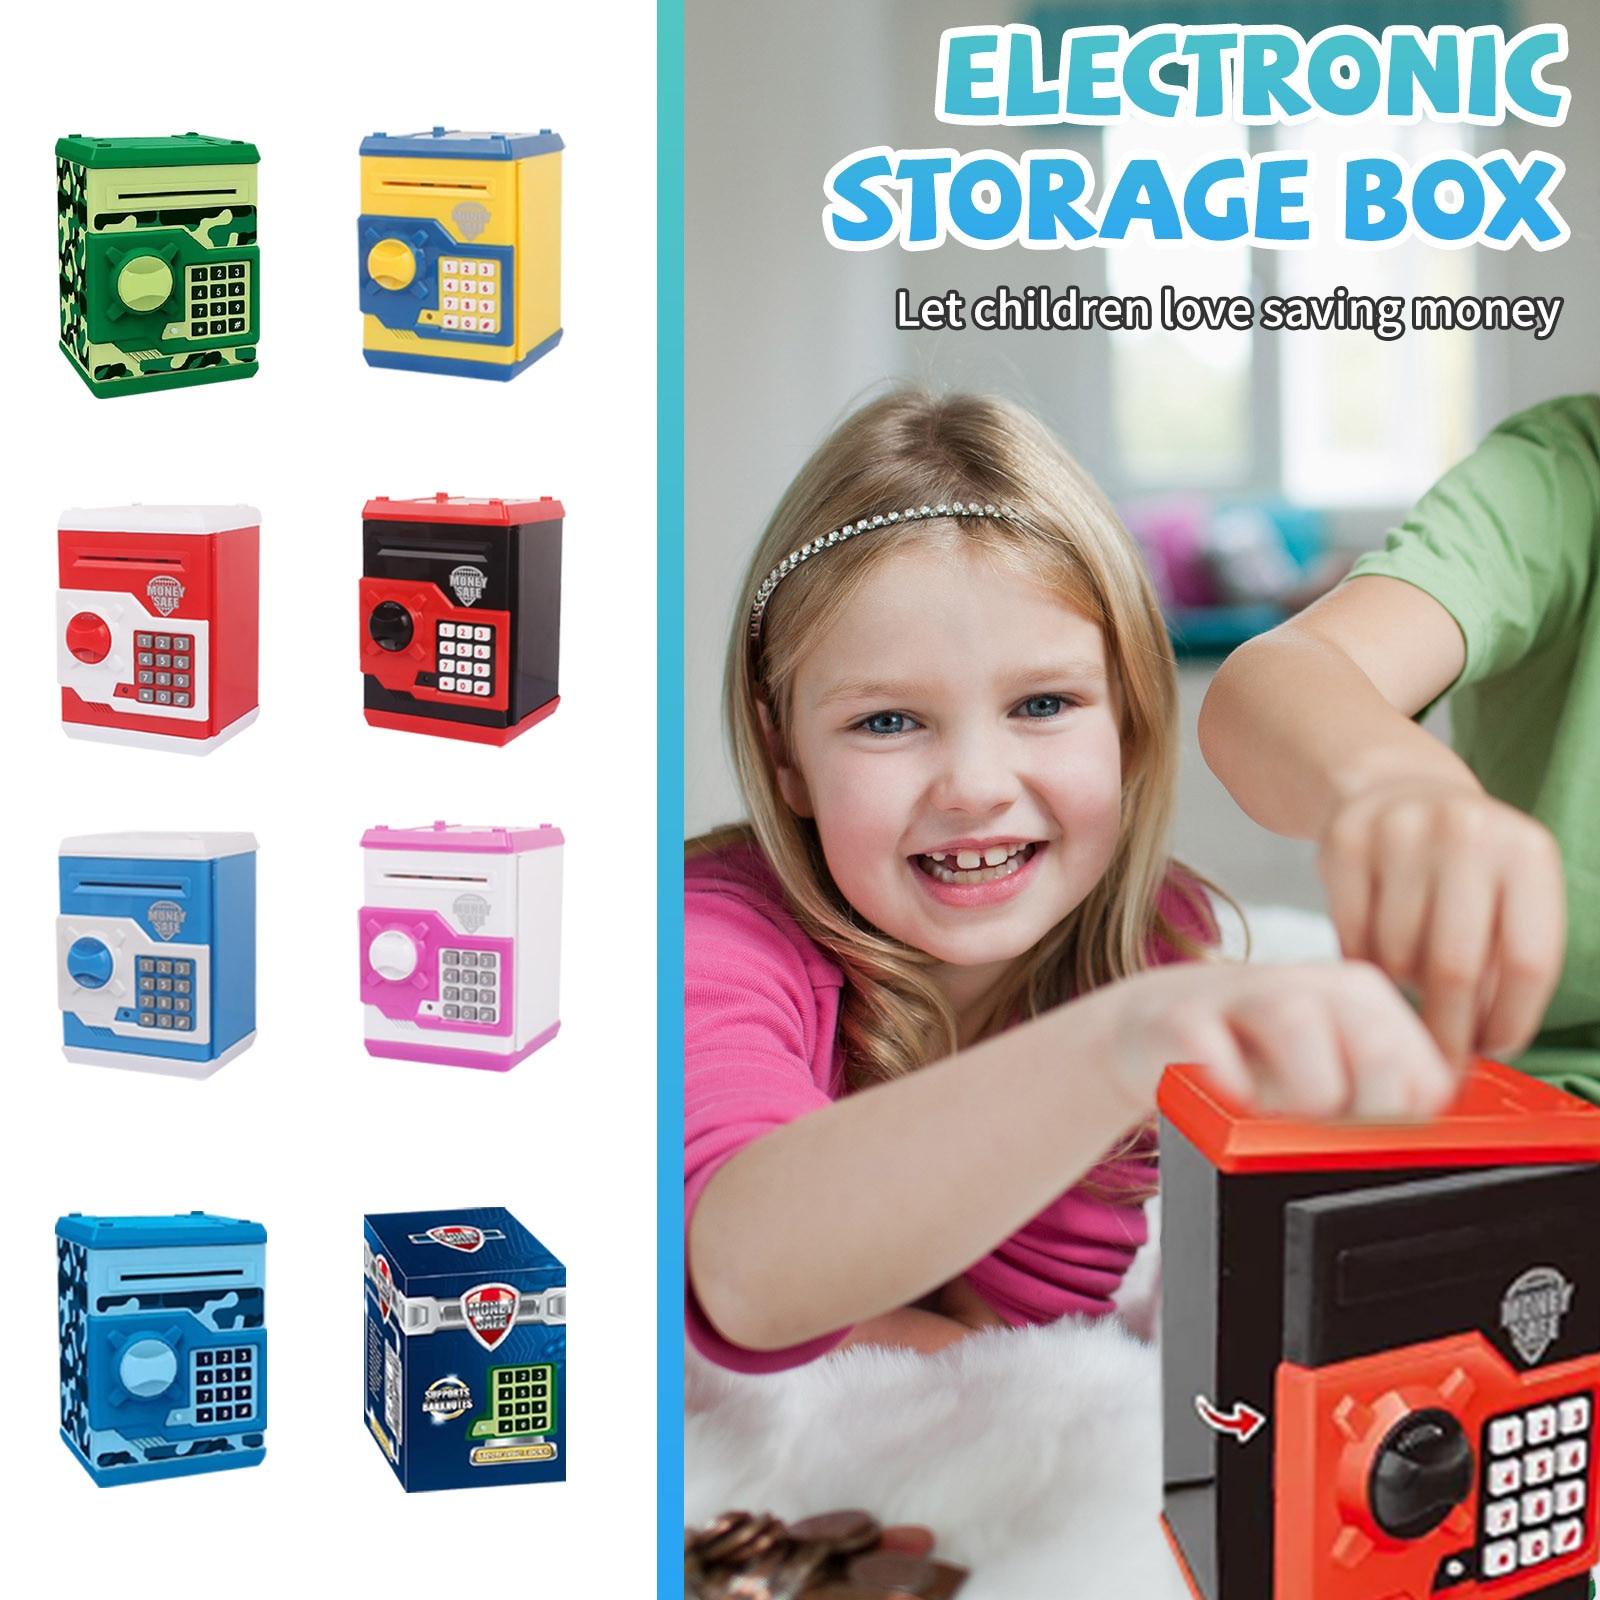 Alcancía electrónica para niños, caja de ahorro de dinero con huella Digital, contraseña, ATM, caja fuerte de banco, juguete para regalo # M, 1 ud.